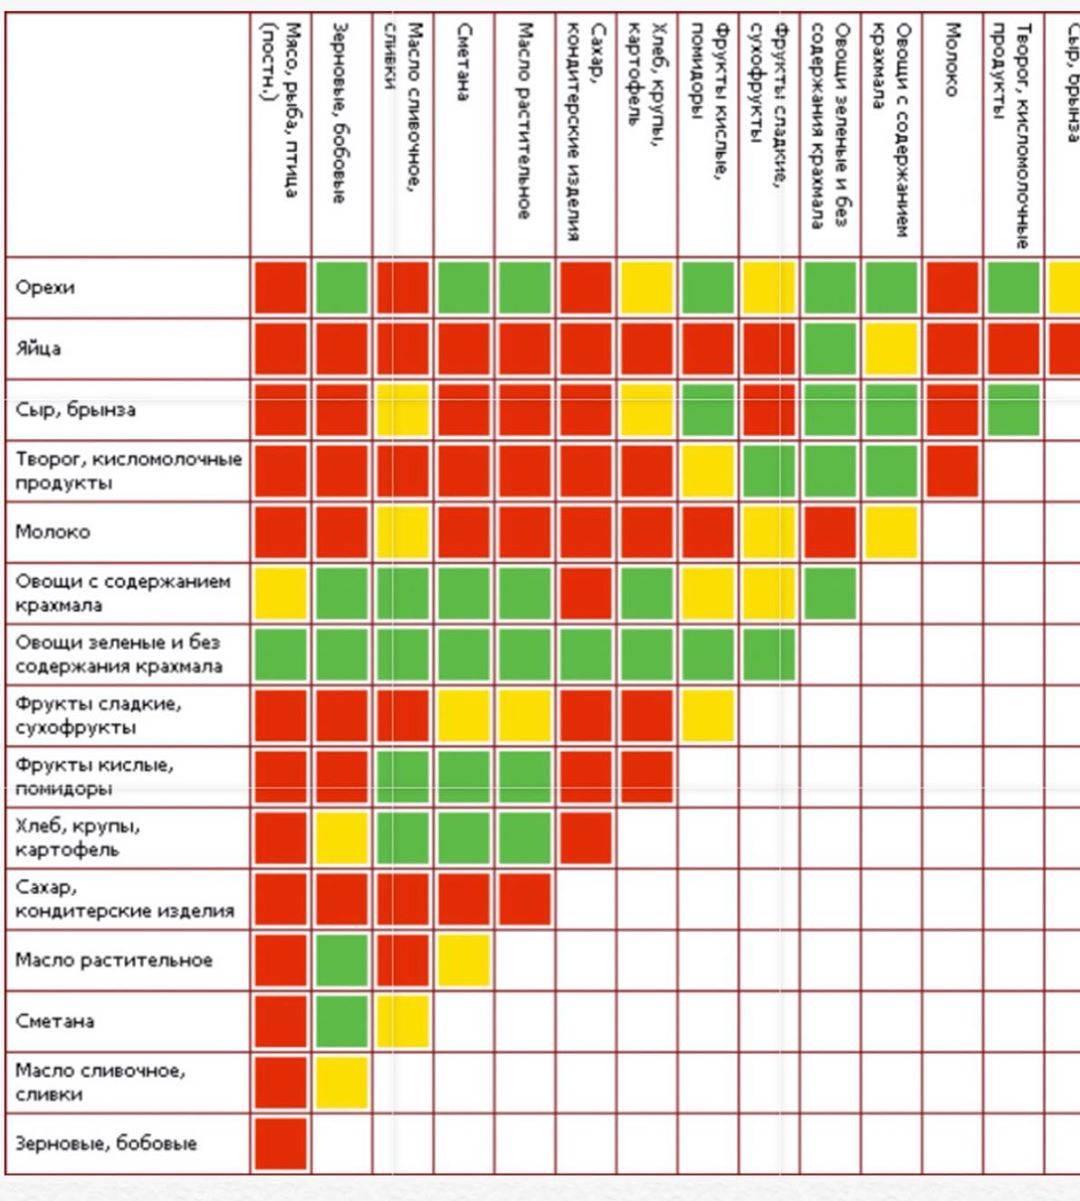 Уникальные данные о совместимости антибиотиков между собой в таблицах